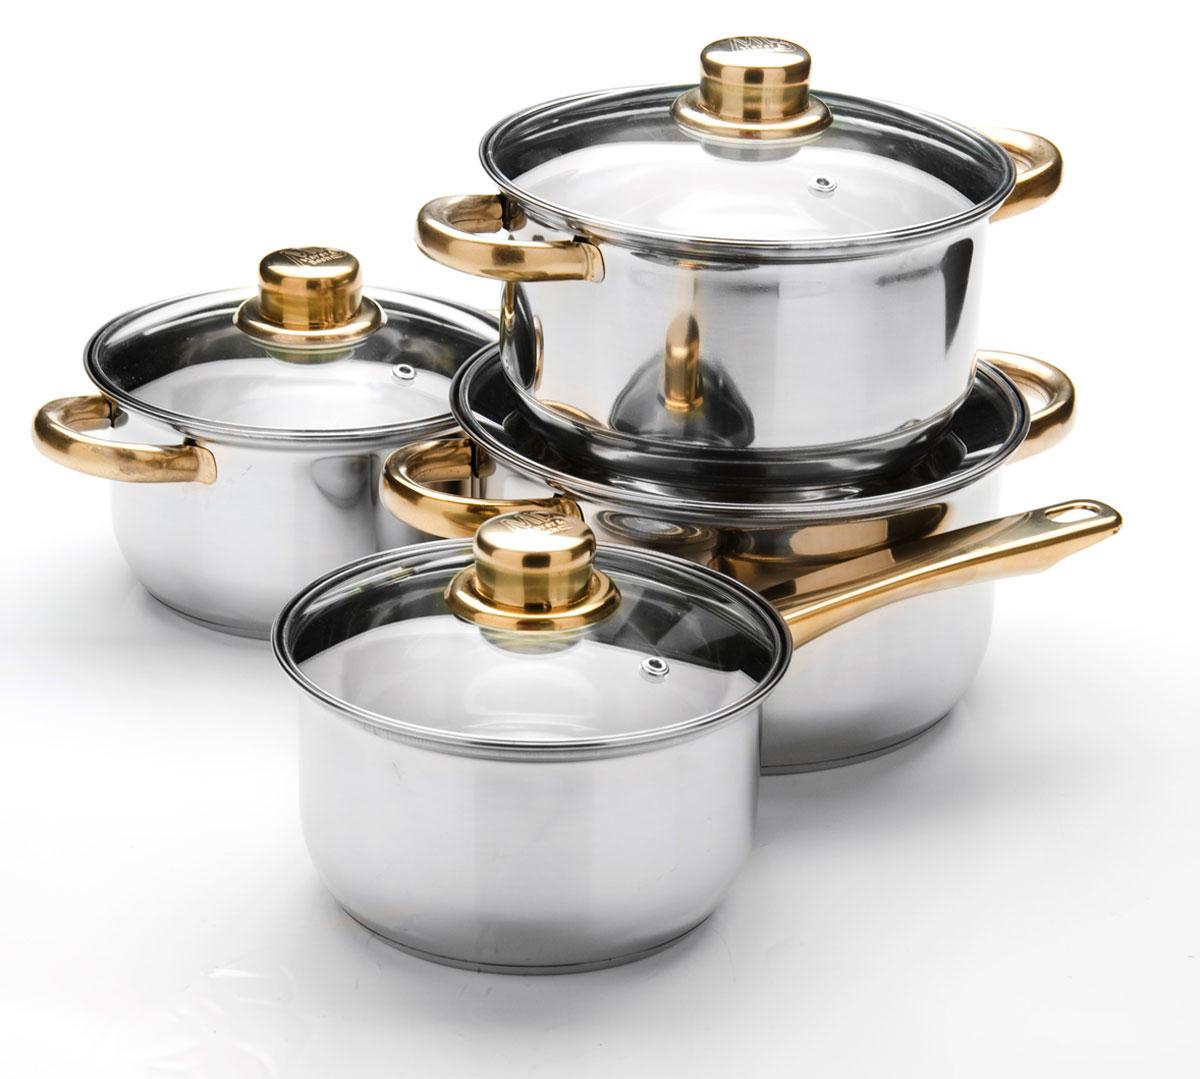 Набор посуды Mayer & Boch, 8 предметов. 2575625756Набор посуды Mayer & Boch включает 3 кастрюля с крышками и ковш с крышкой. Посуда выполнена из высококачественной нержавеющей пищевой стали с зеркальной внешней поверхностью. Внутренняя поверхность идеально ровная, что значительно облегчает мытье. Крышки, выполненные из термостойкого стекла, имеют отверстие паровыпуска и металлический обод. Крышки плотно прилегают к краям посуды, предотвращая проливание жидкости и сохраняя аромат блюд. Также кастрюли снабжены эргономичными стальными ручками. Набор подходит для использования на всех типах плит, кроме индукционных. Подходит для мытья в посудомоечной машине. Объем кастрюль: 1,4 л; 2 л, 2,9 л. Диаметр кастрюль: 16 см, 18 см, 20 см. Высота стенок кастрюль: 9,5 см, 10,5 см, 11,5 см. Объем ковша: 1,4 л. Диаметр ковша: 16 см. Высота стенки ковша: 9,5 см. Толщина стенок: 3 мм.